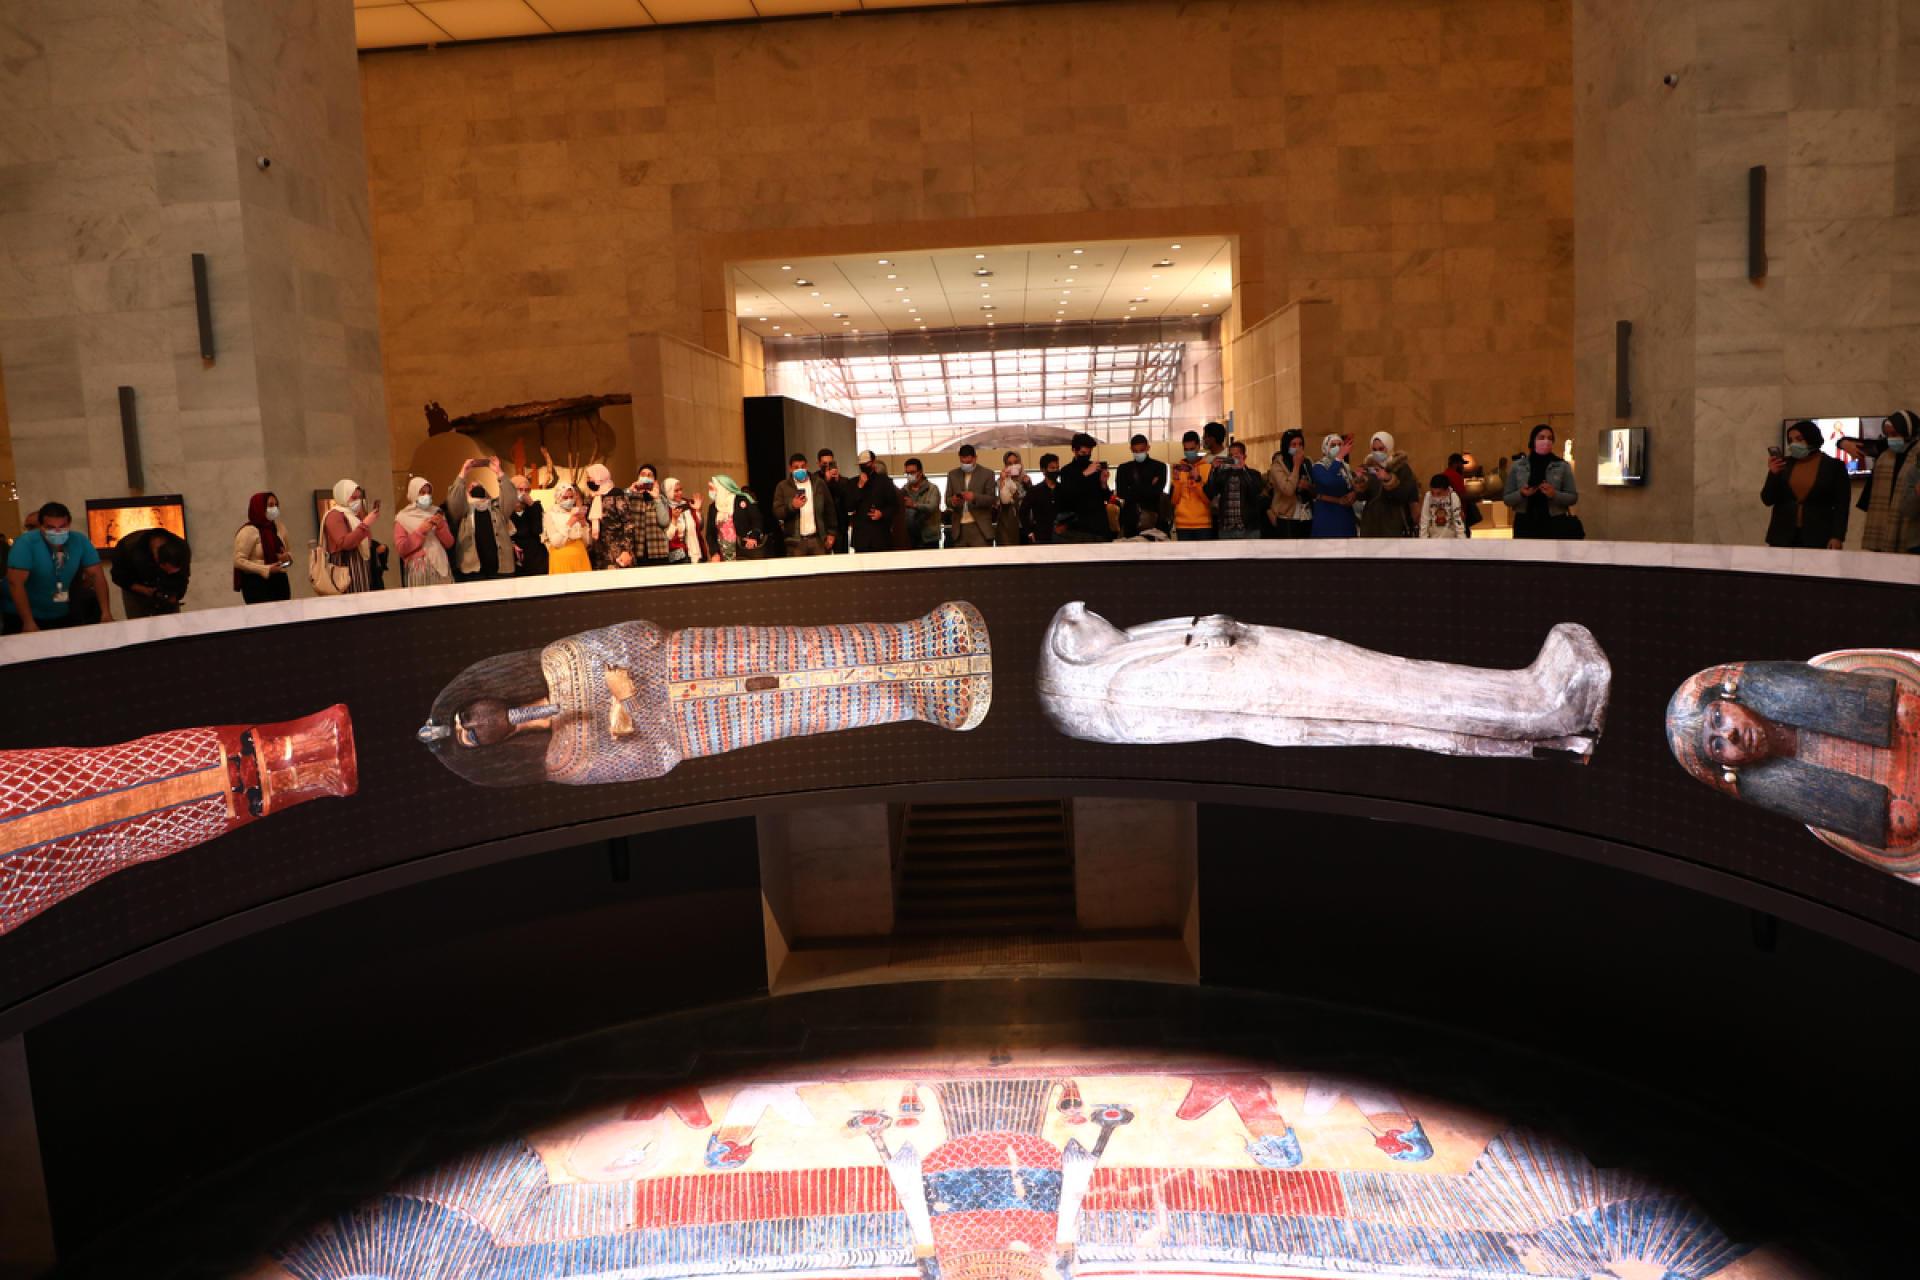 Le 4 avril 2021, les vingt-deux momies sont présentées dans la hall principal du nouveau Musée national de la civilisation égyptienne, à Fostat, au Caire.